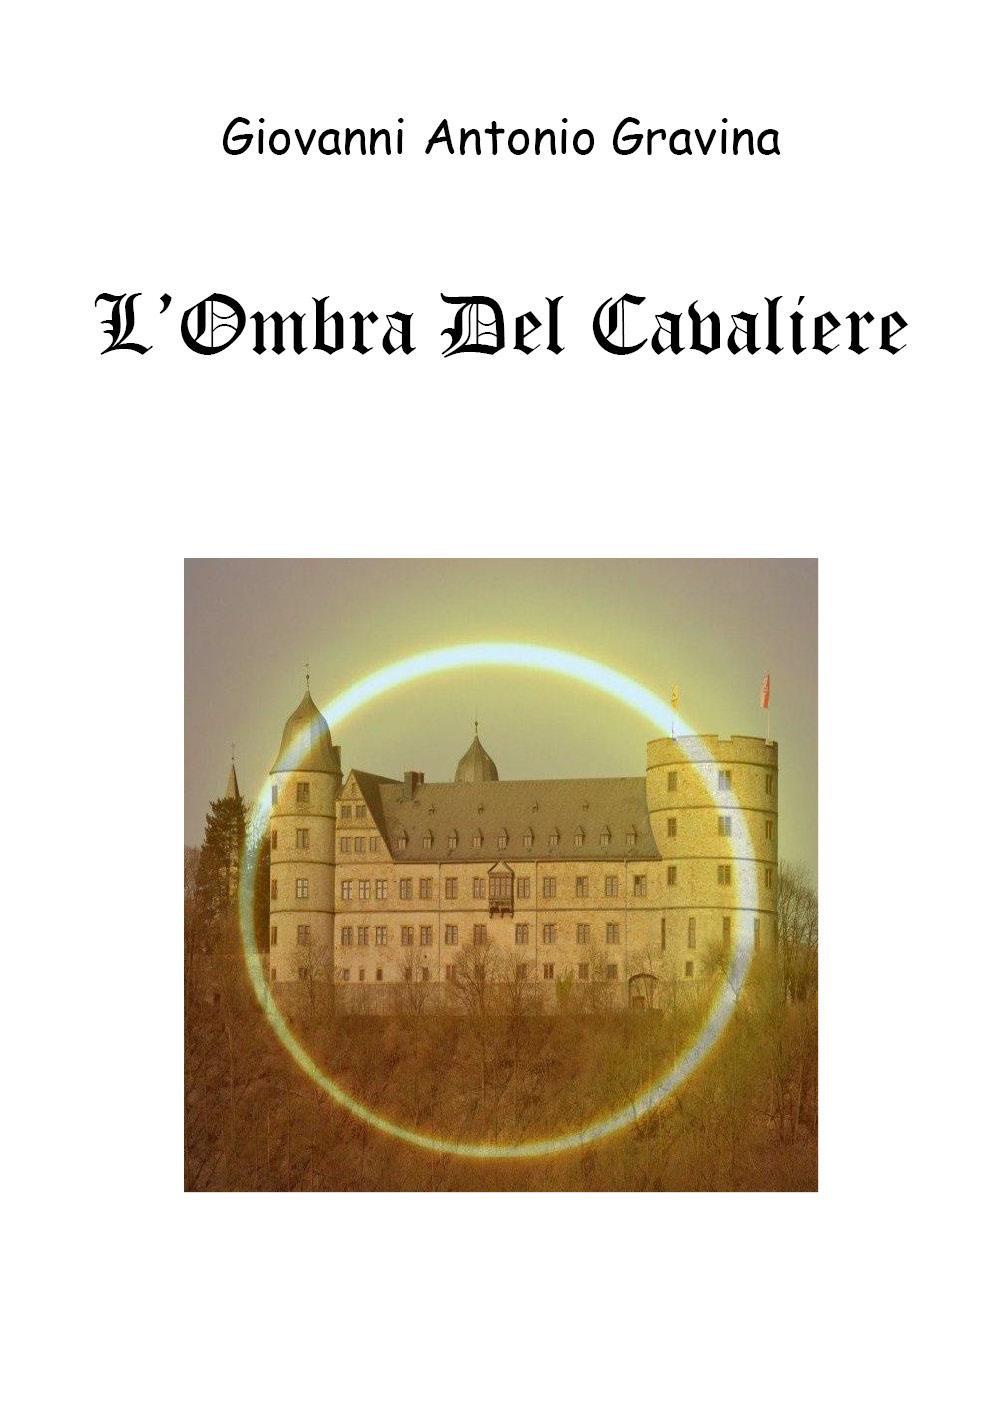 L'Ombra Del Cavaliere